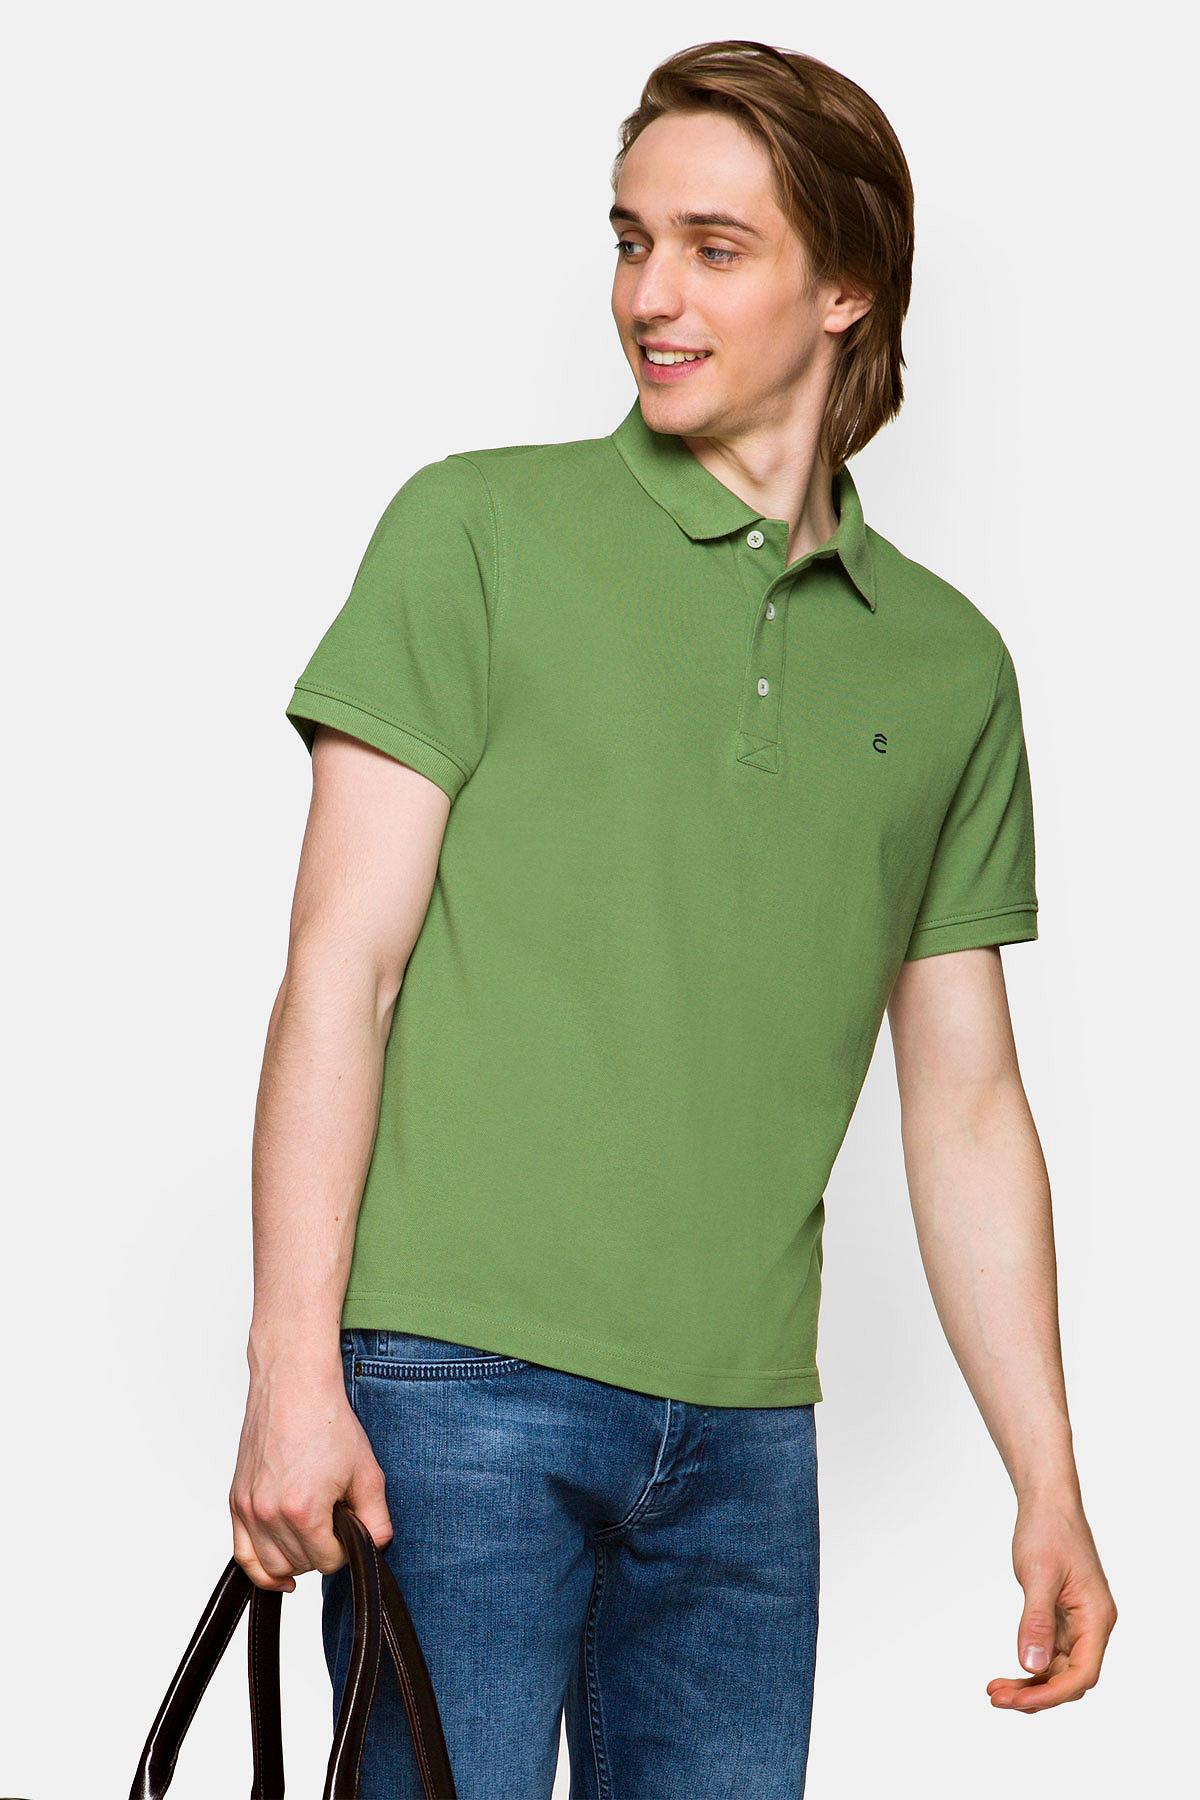 Koszulka Zielona Polo Patrick rozmiar 3XL; L; M; XL